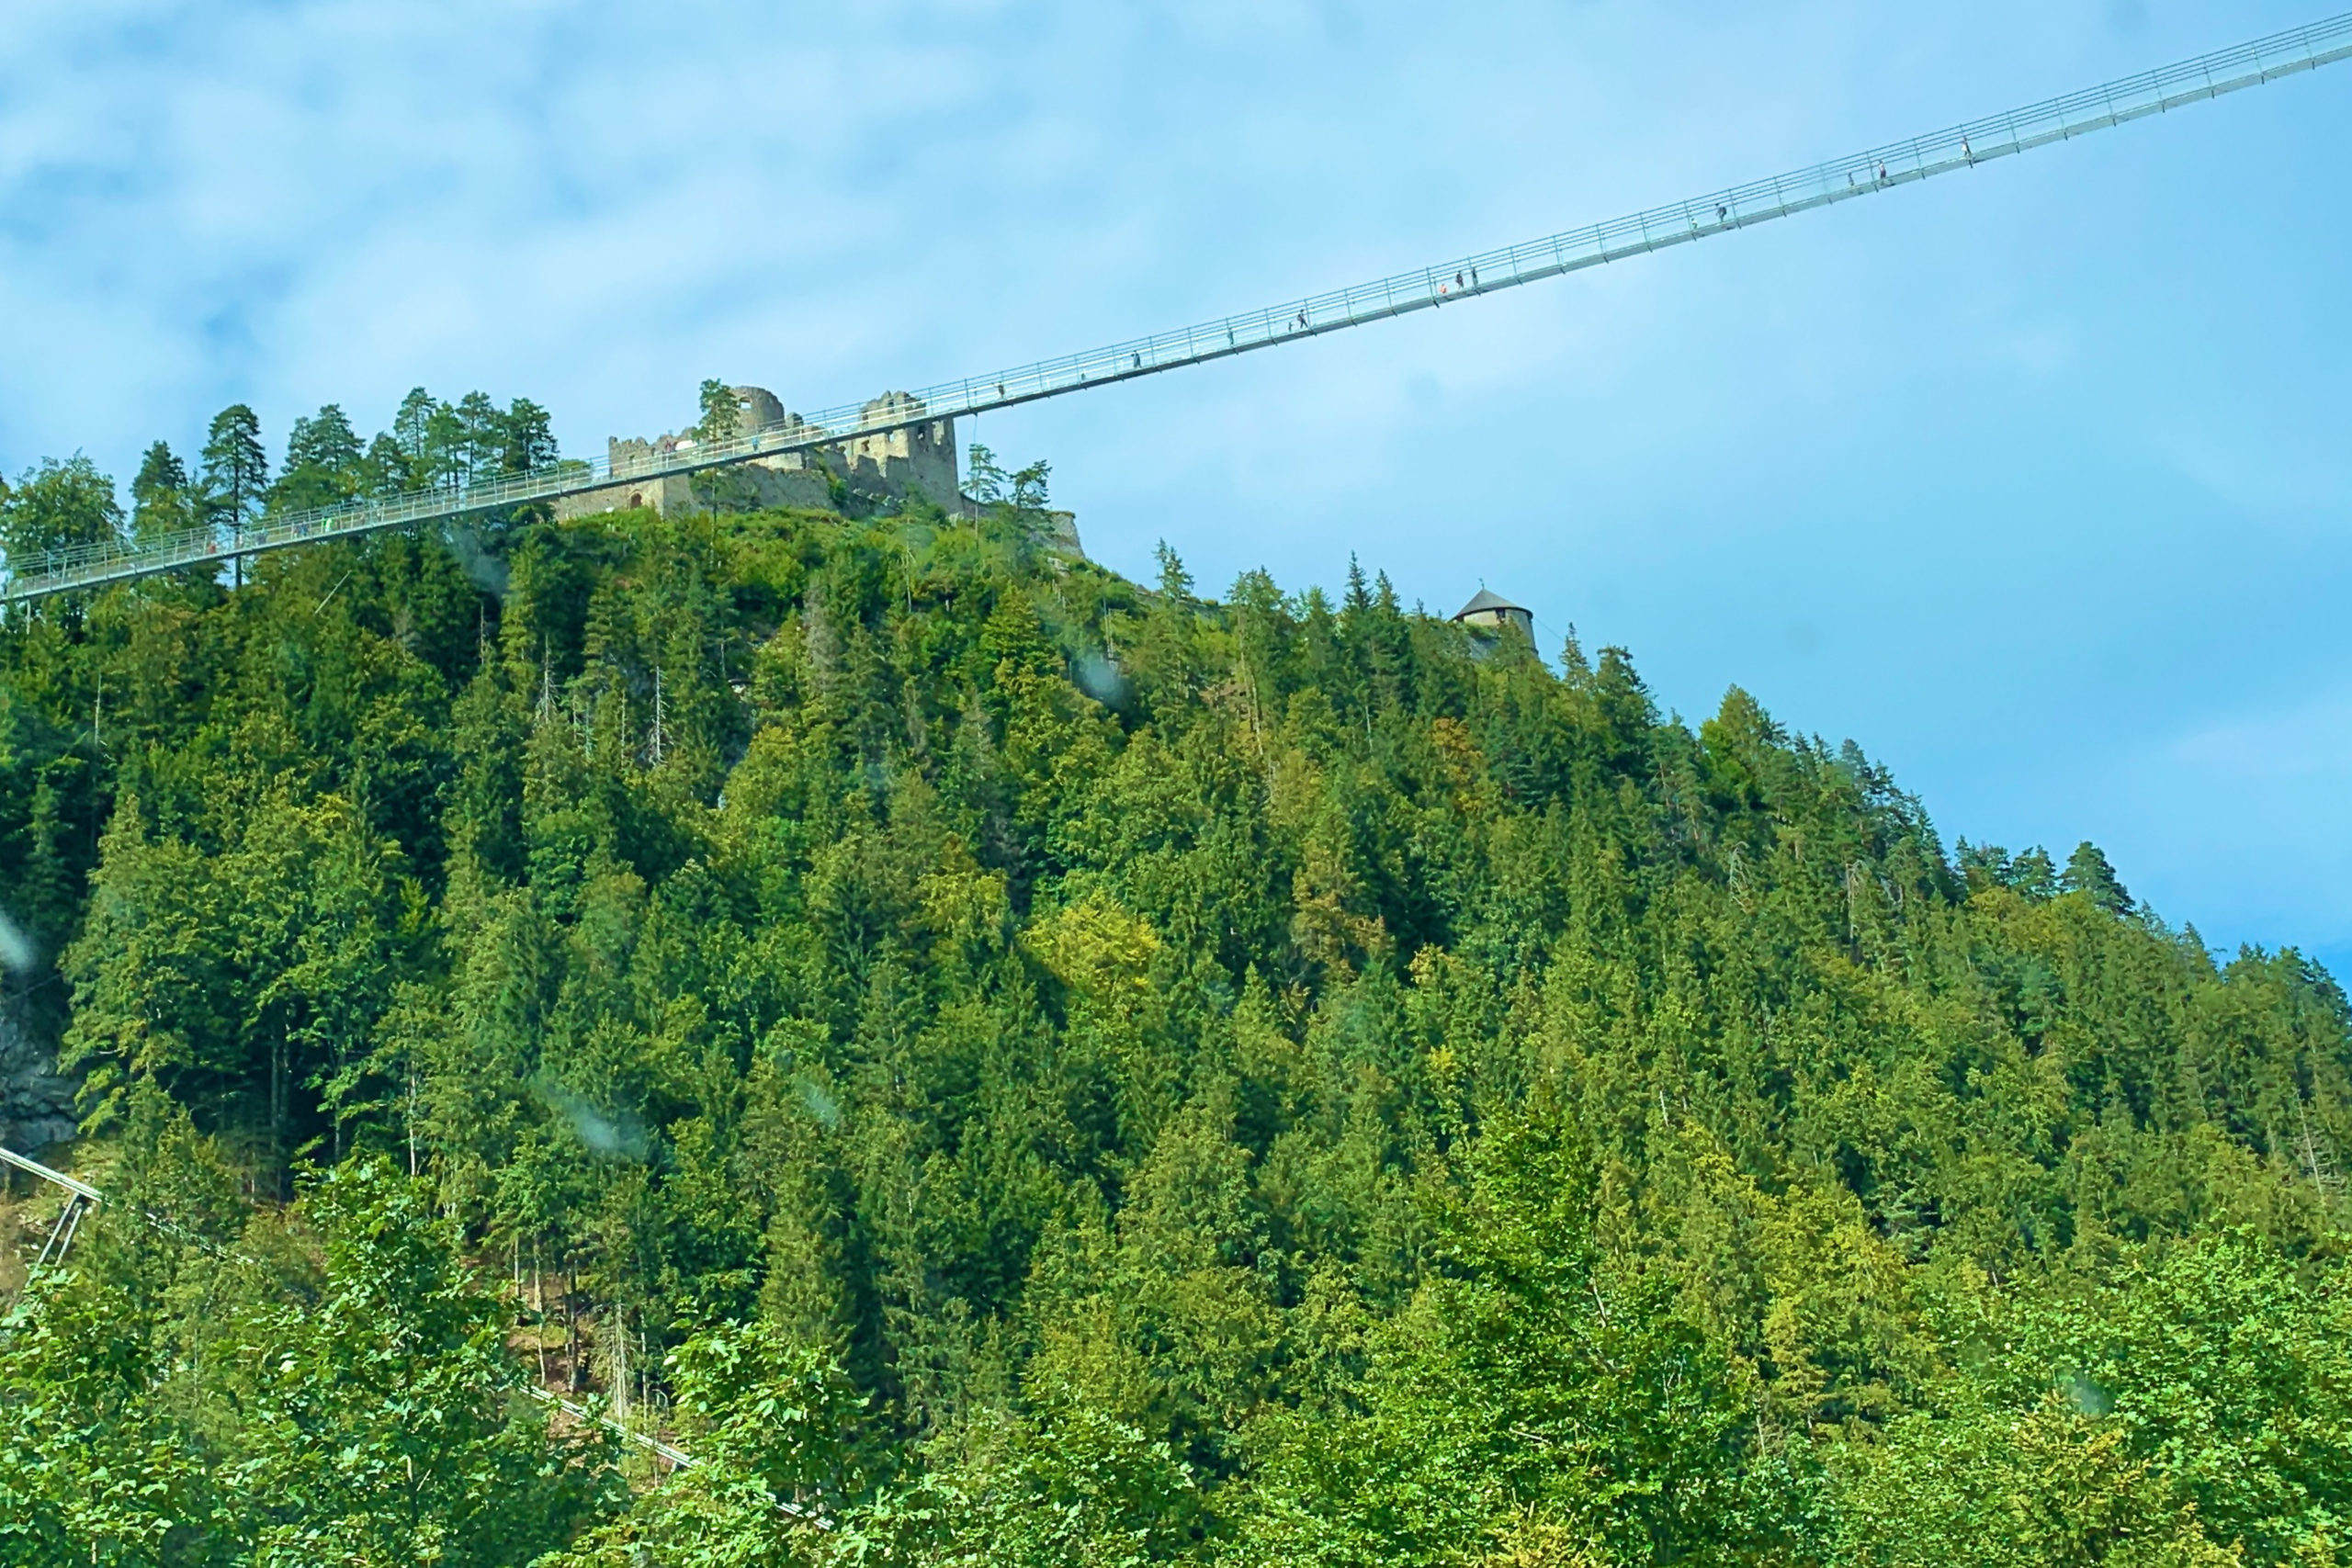 Tirol, Fußgänger-Hängebrücke bei Reutte